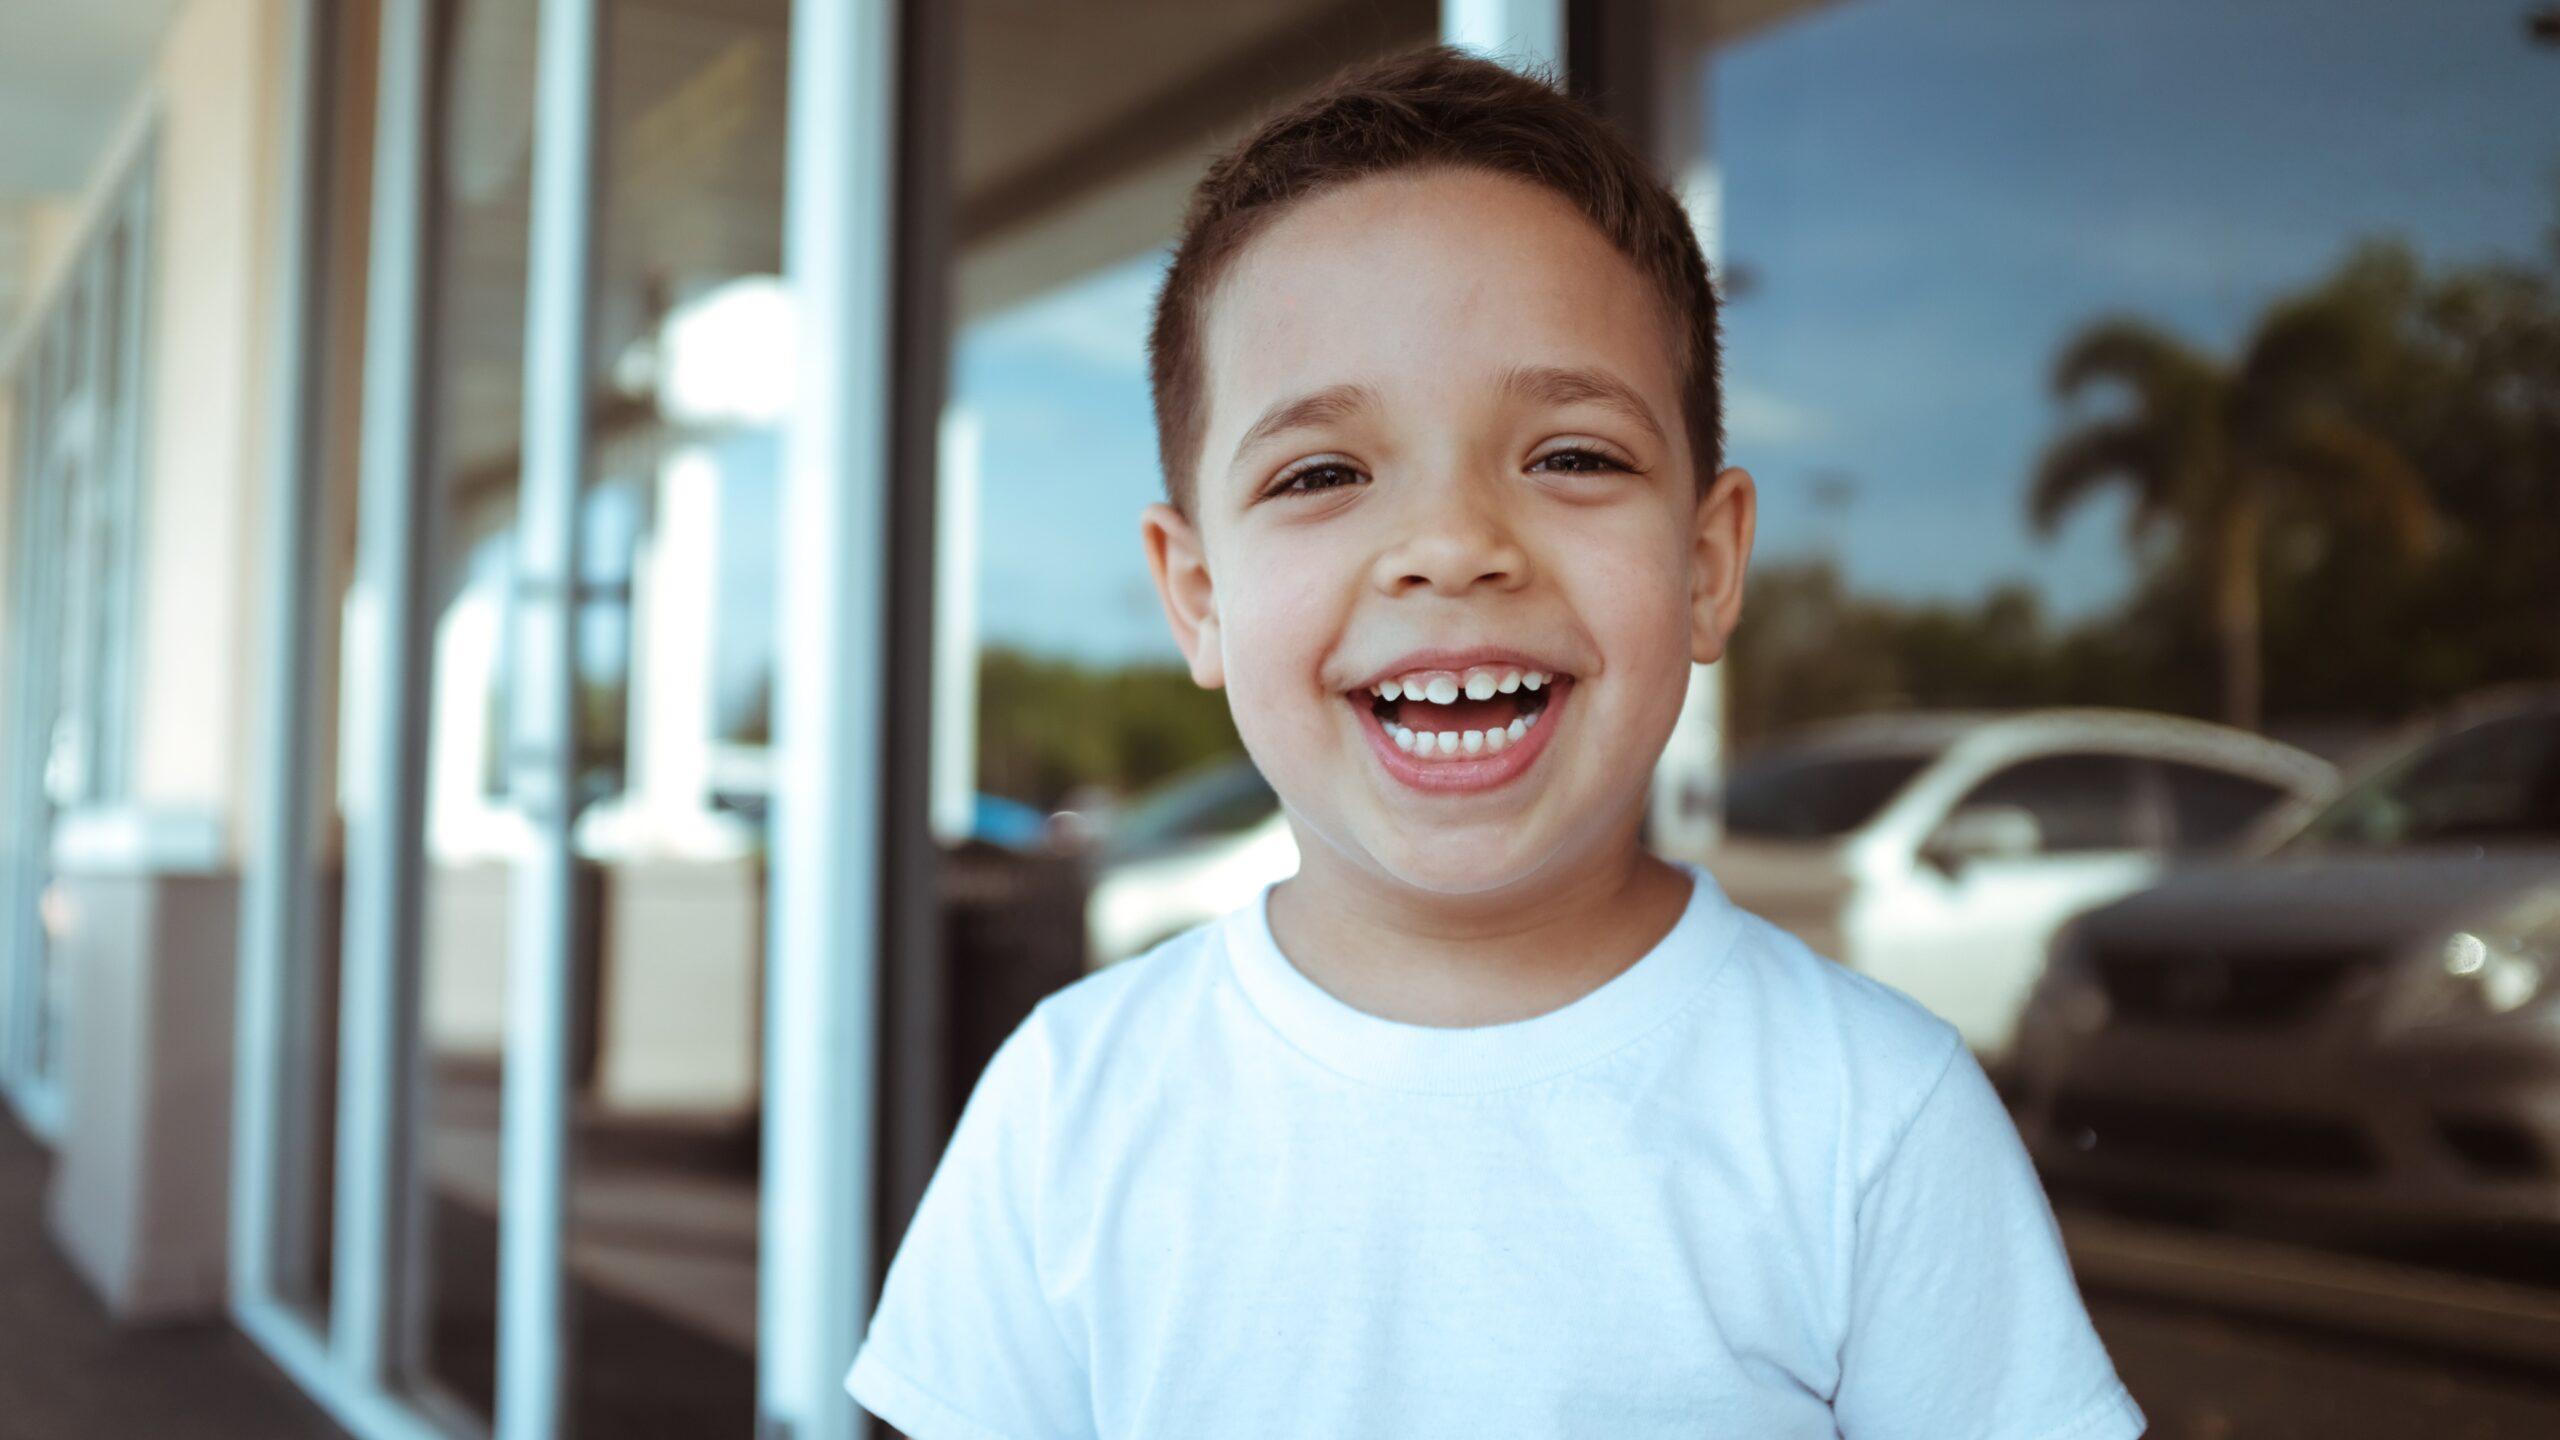 8 Ways to Raise Kind Children